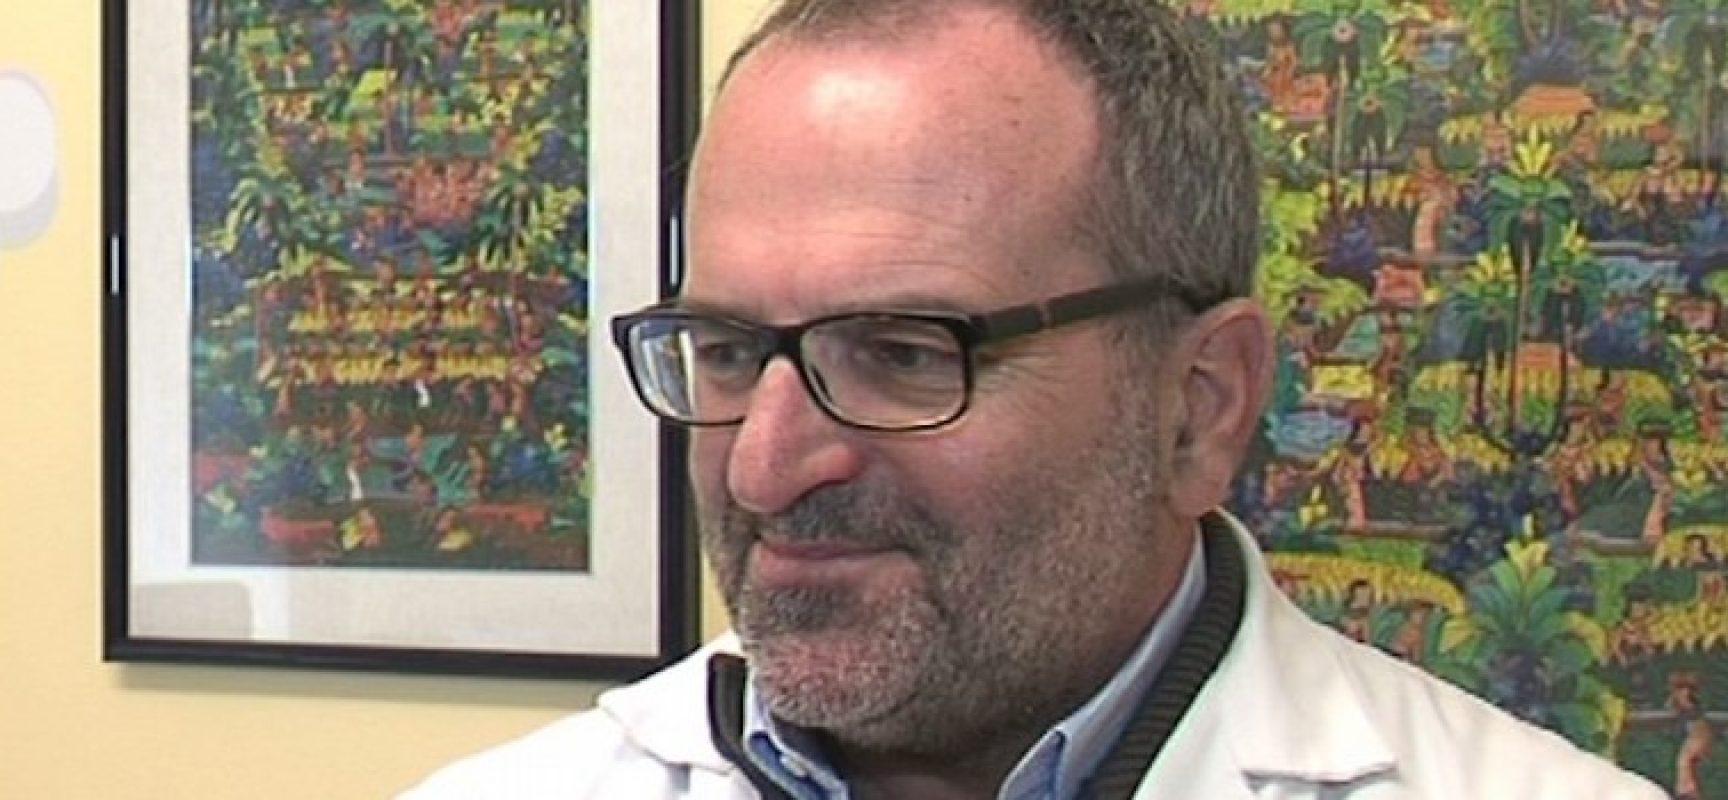 """Avvio campagna vaccinale antinfluenzale, dott. Nigri: """"Vaccinare bambini per proteggere adulti"""""""